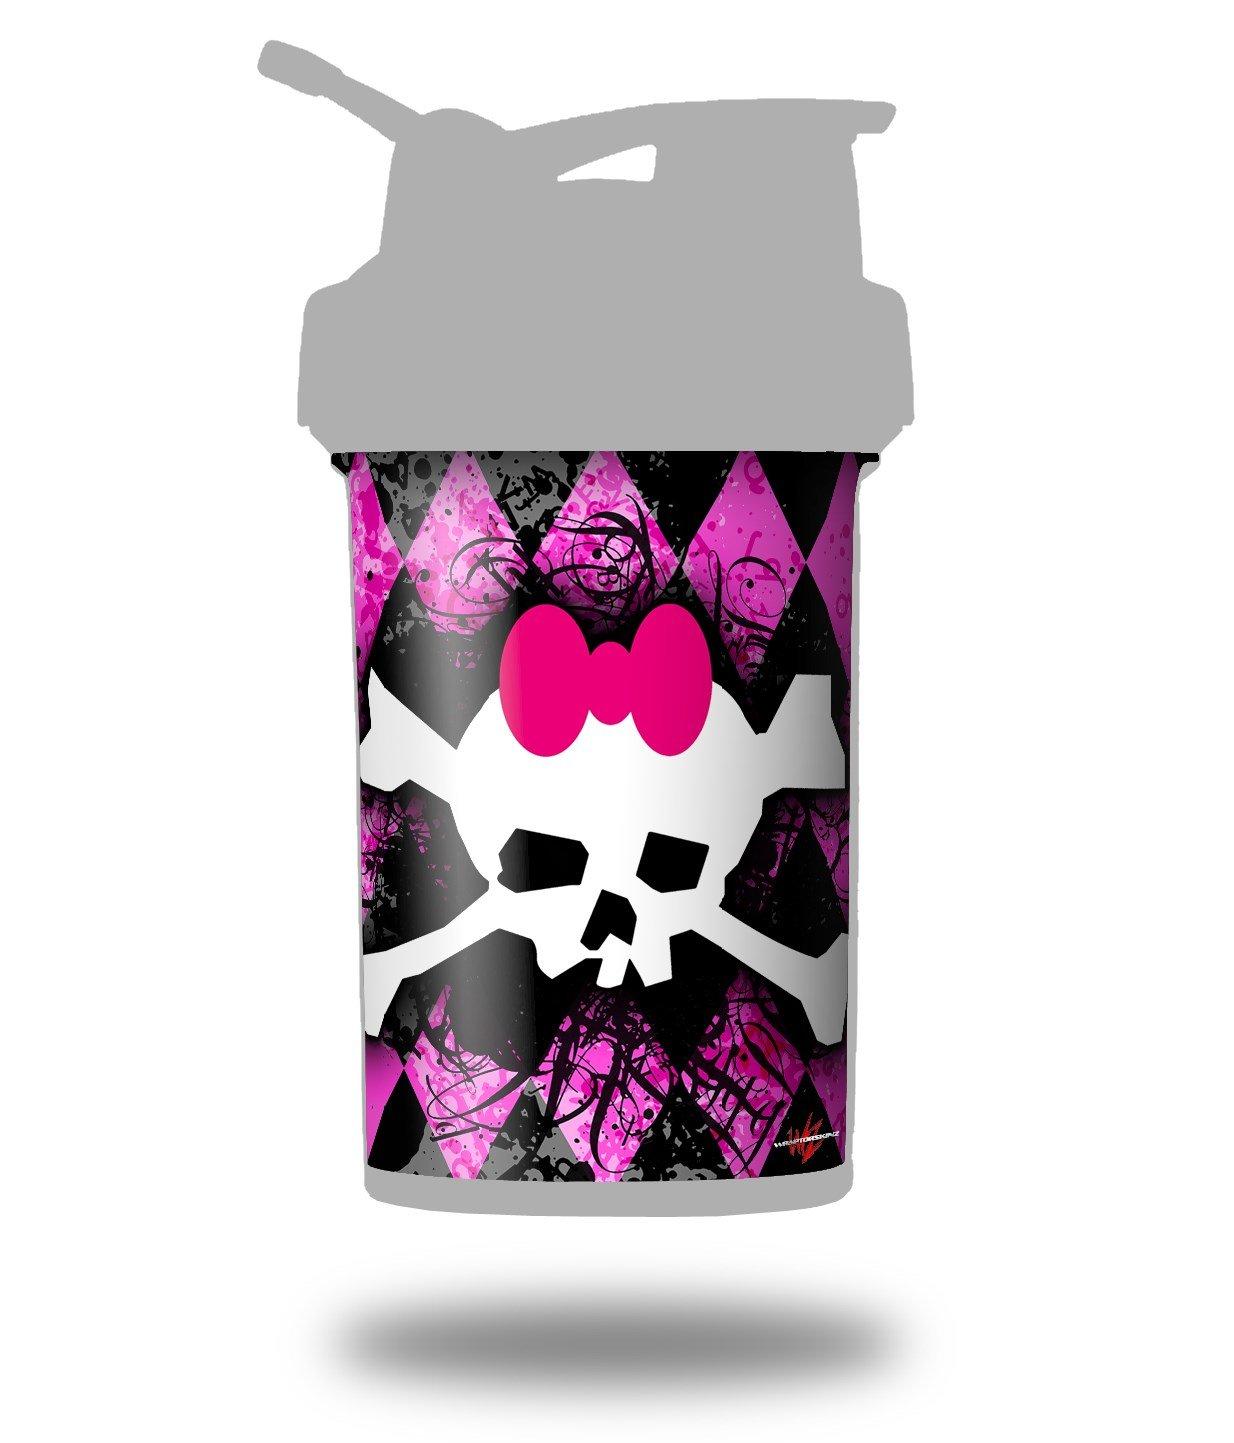 ピンクダイヤモンドスカル – デカールスタイルスキンラップFits Blenderボトル22oz Prostak (ボトルは含まれません B06X6LK6MT